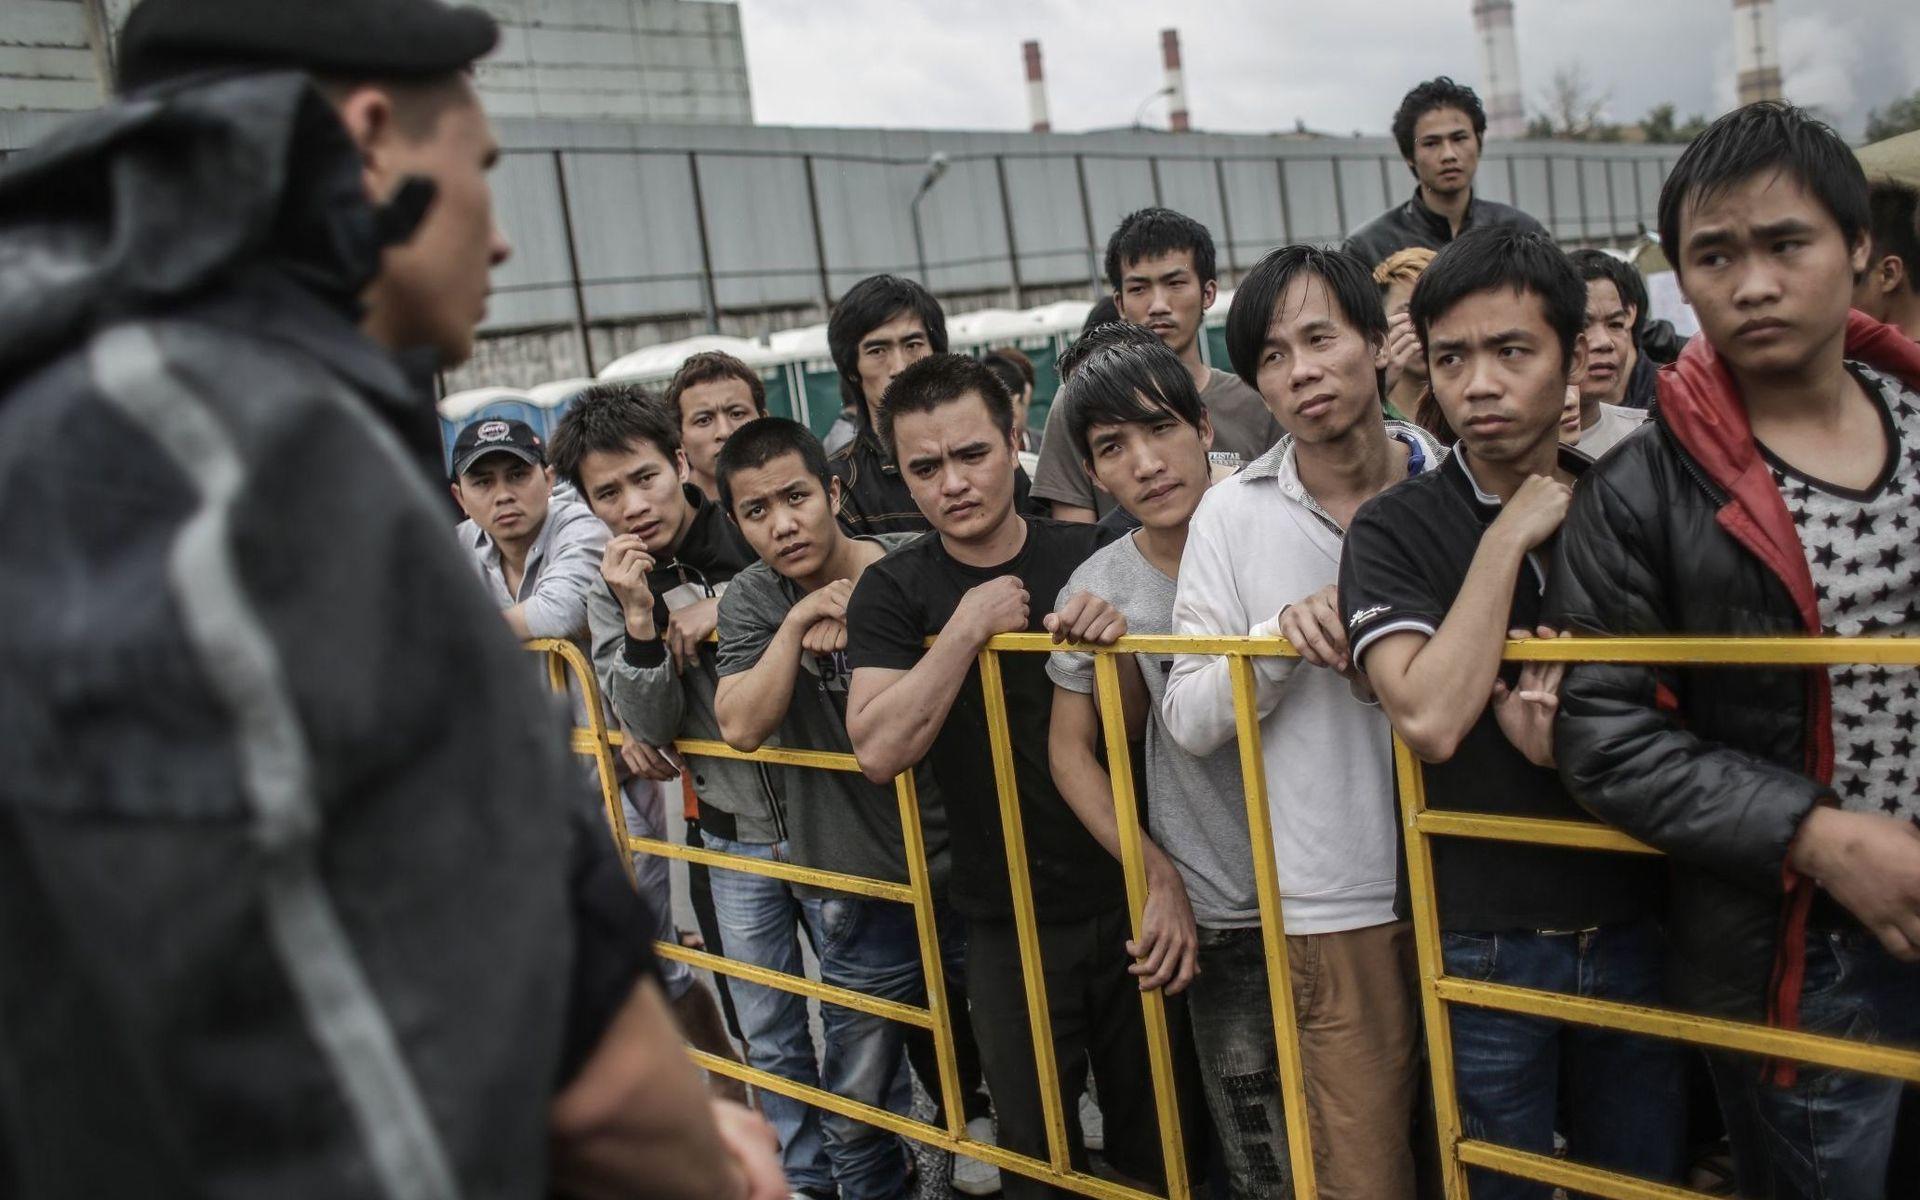 Посмотреть мужской эмигрант в россия узбекистан толпу блондинку голые